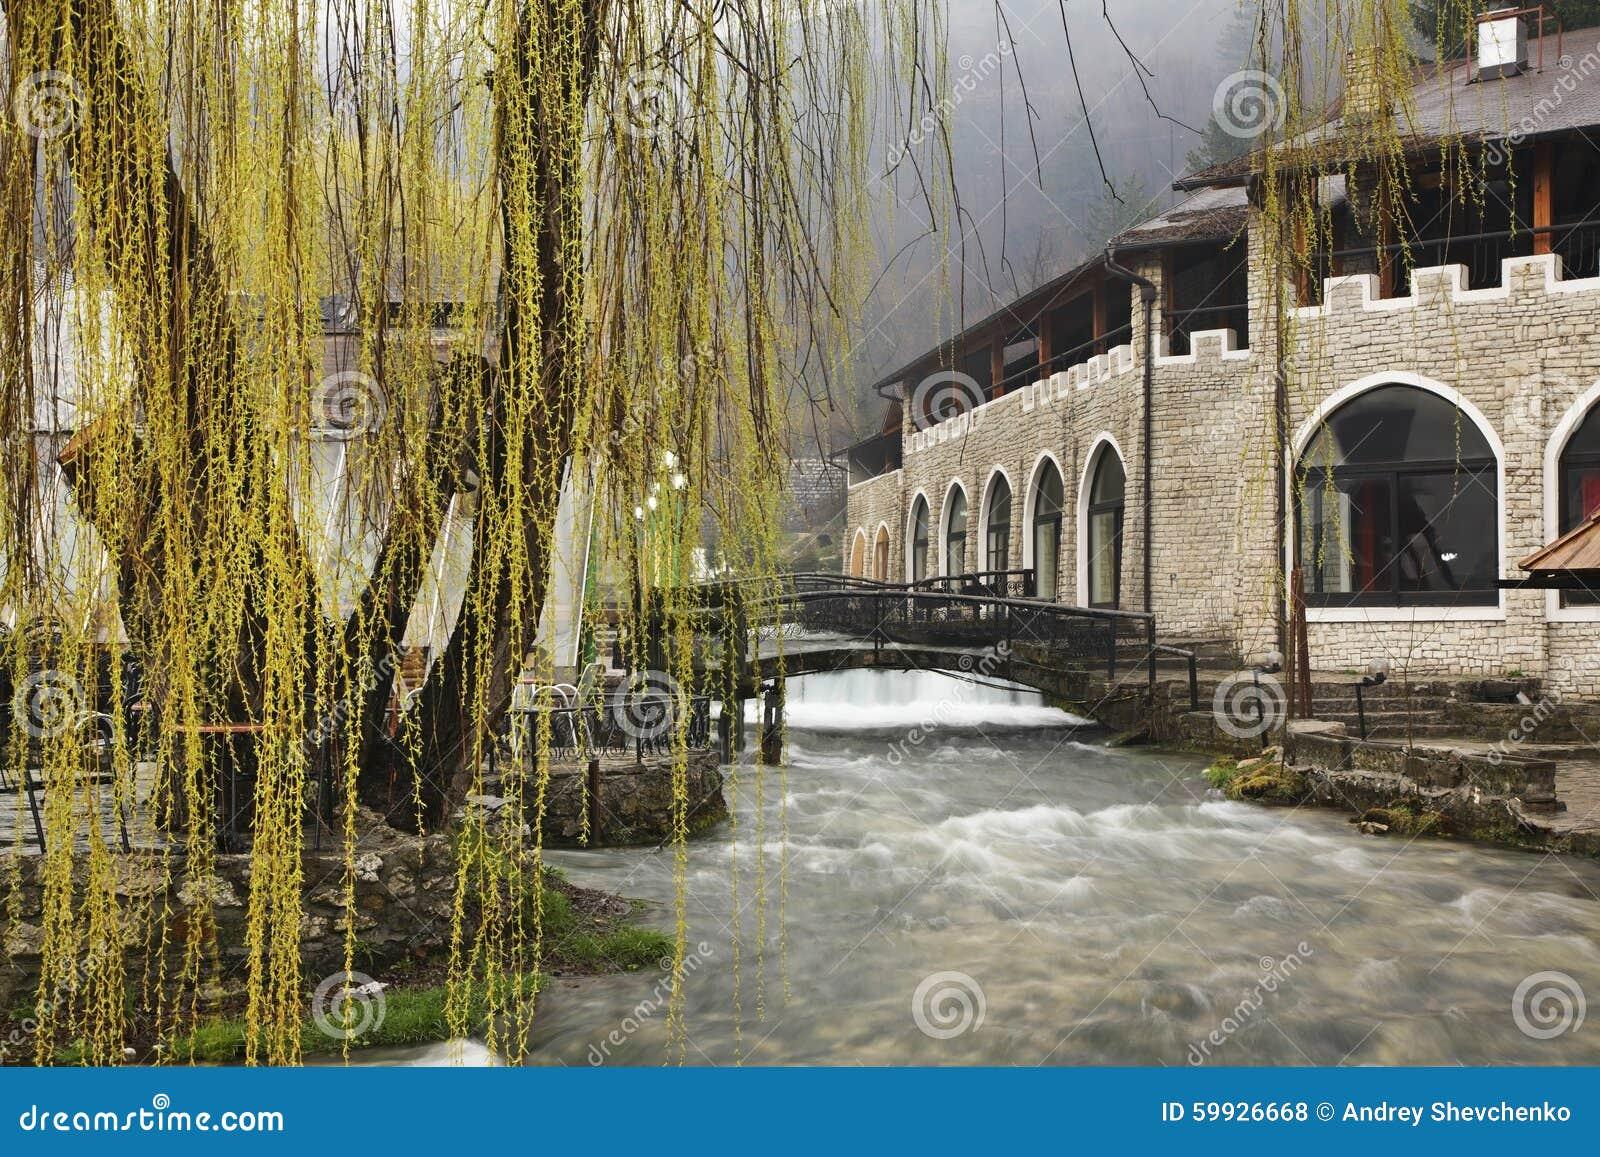 Plava voda i Travnik stämma överens områdesområden som Bosnien gemet färgade greyed herzegovina inkluderar viktigt, planera ut te